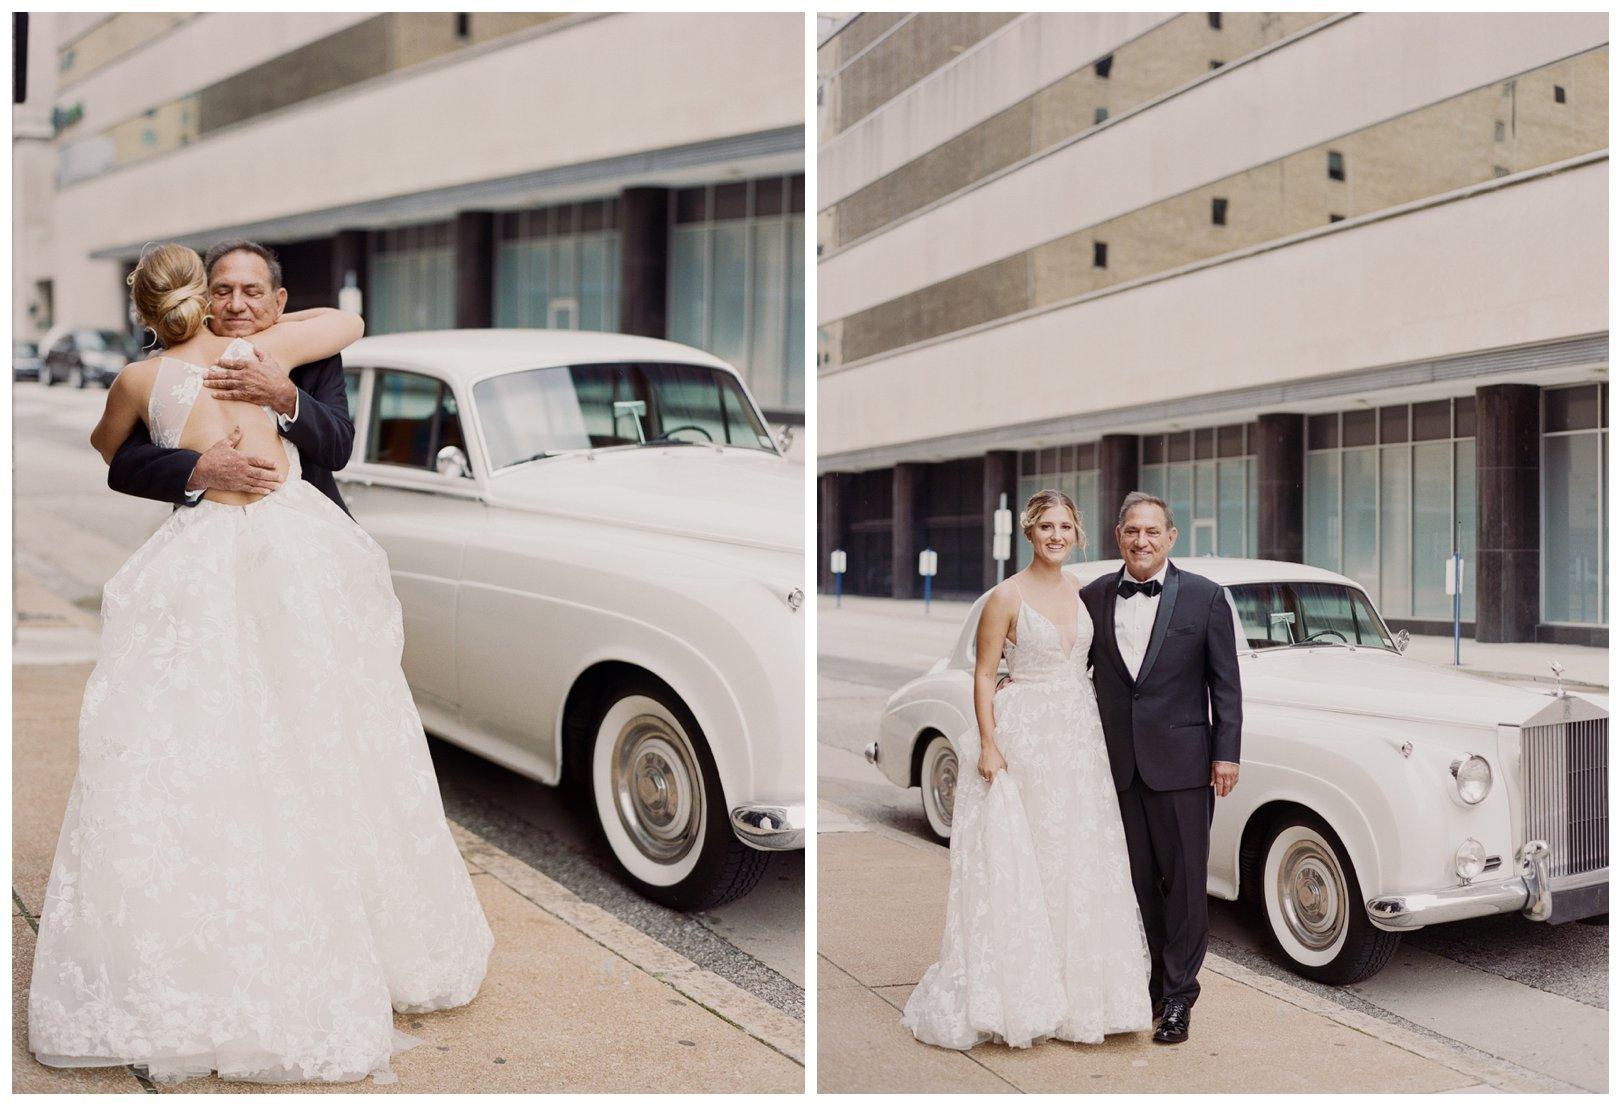 lauren muckler photography_fine art film wedding photography_st louis_photography_3186.jpg